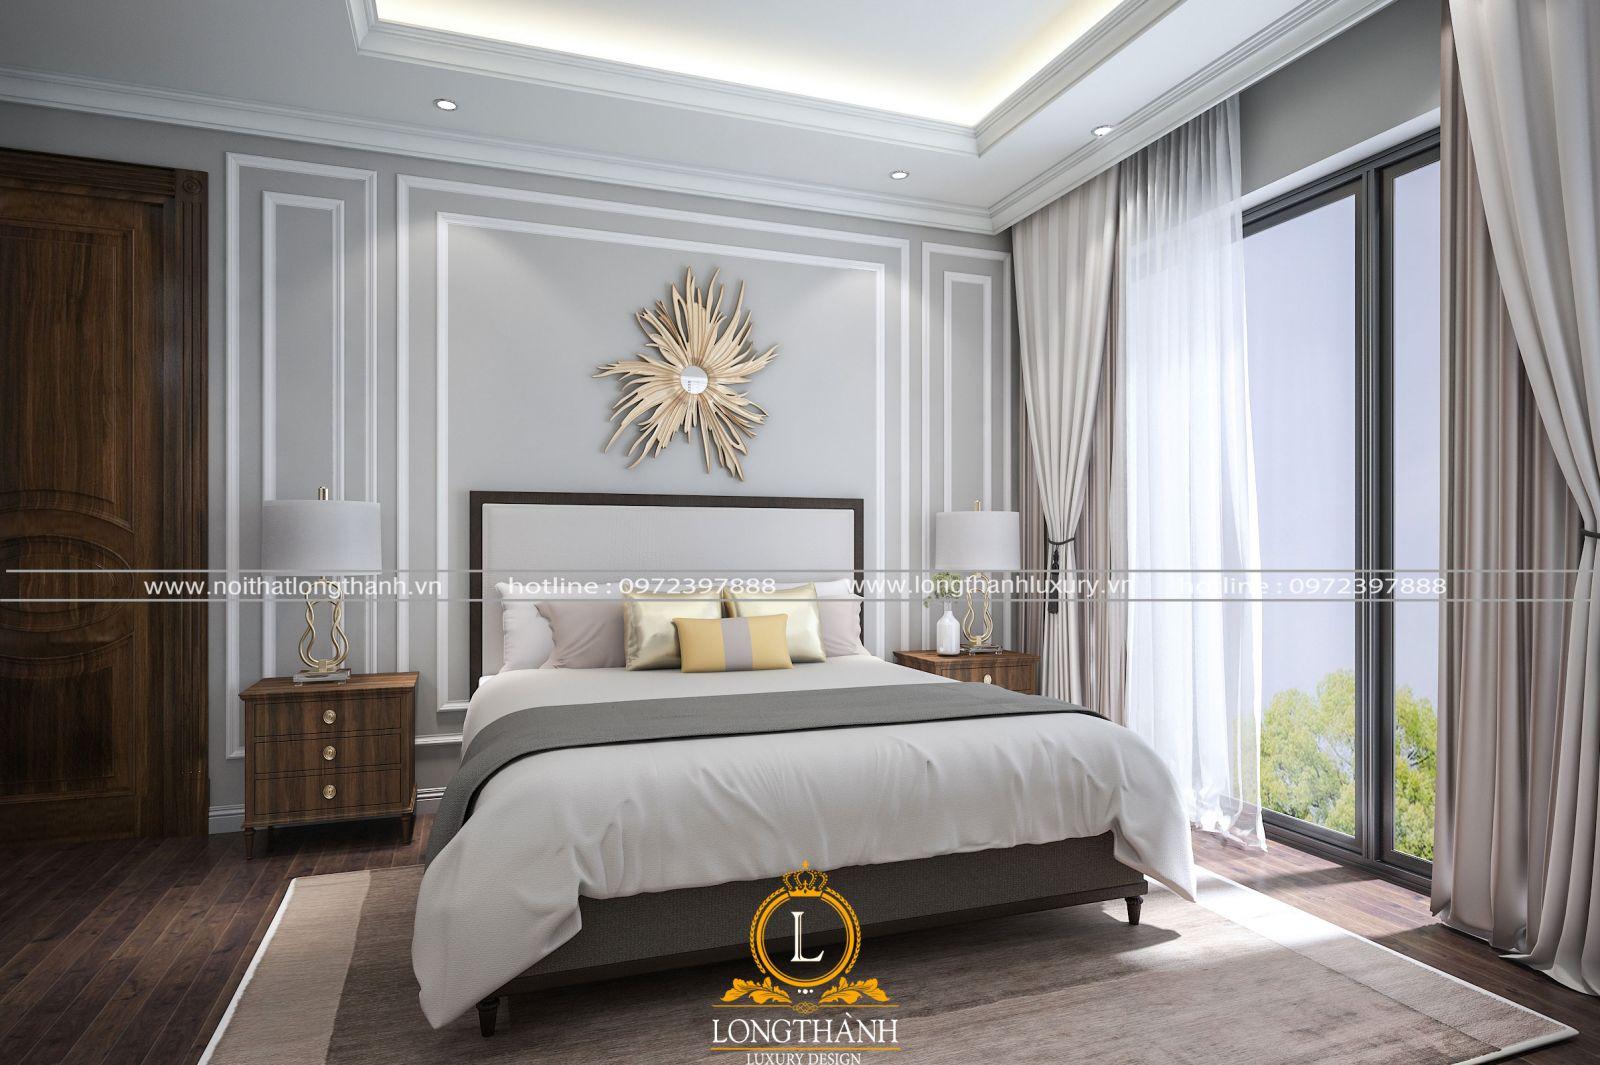 Mẫu phòng ngủ hiện đại cho chung cư sang trọng